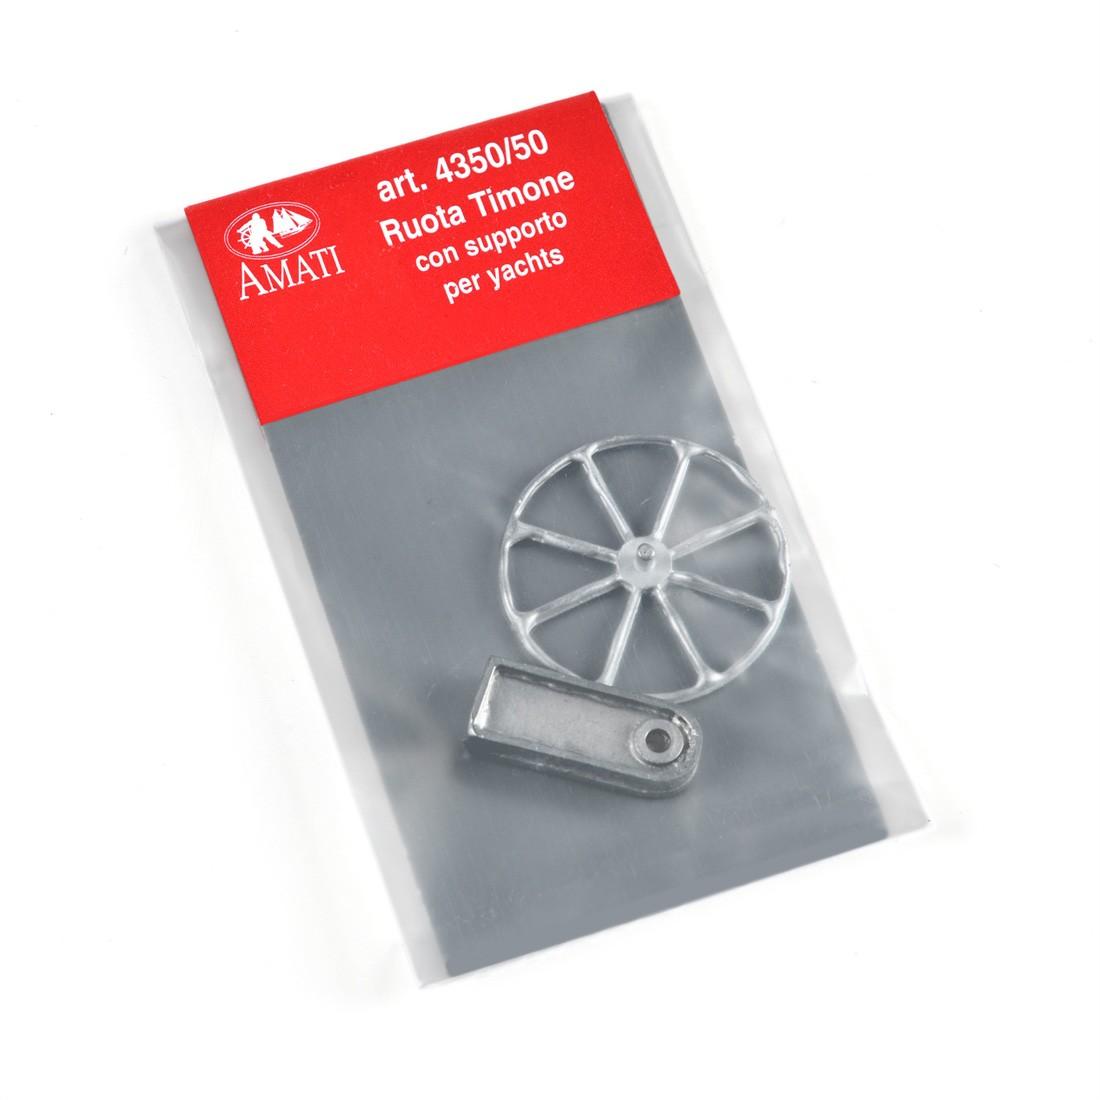 Ruote timone mm.50 con supporto